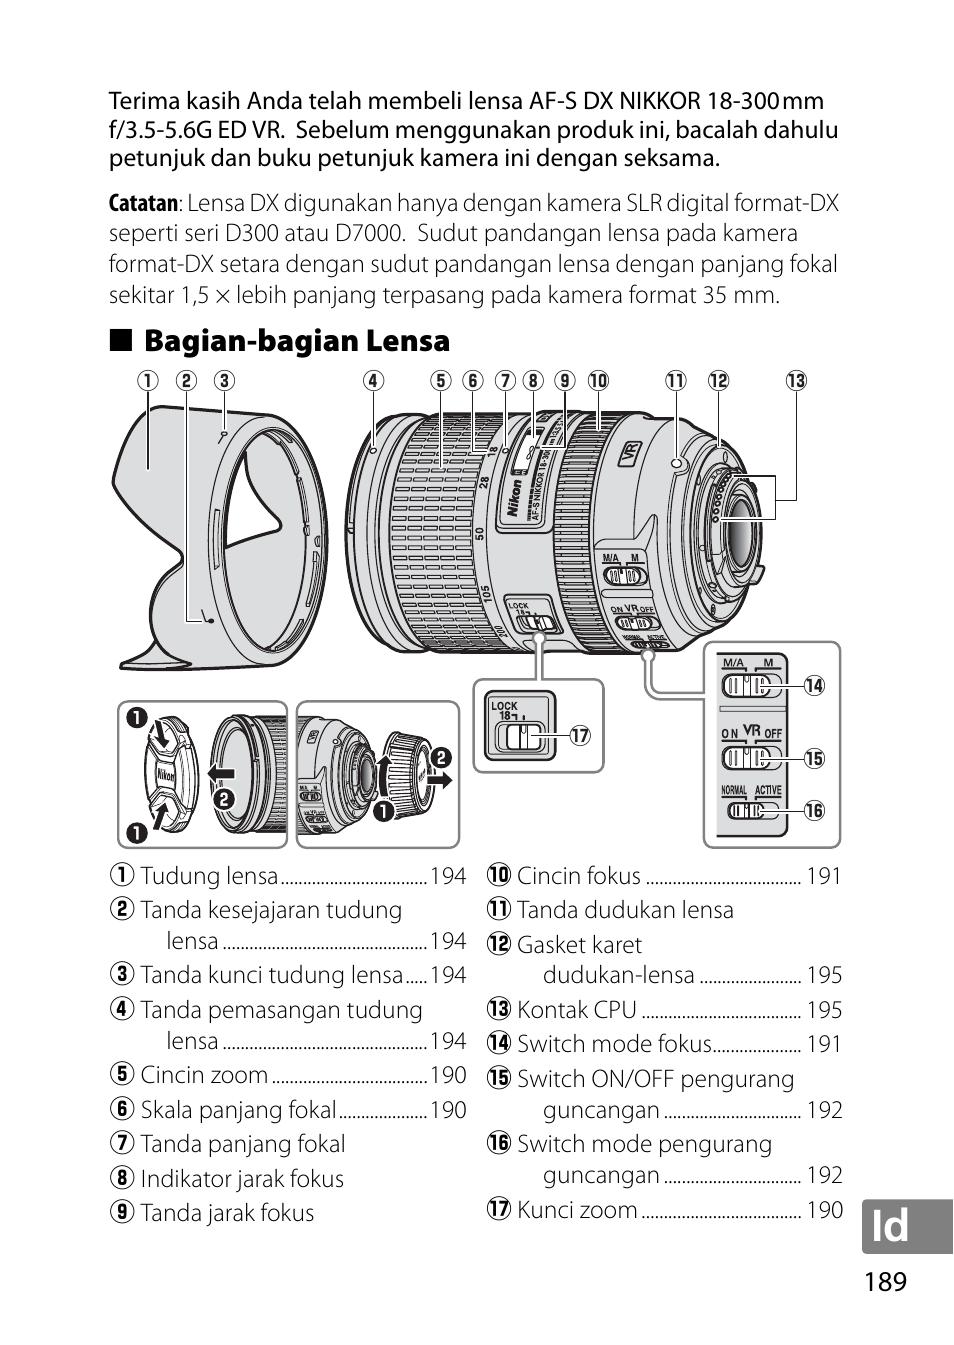 Bagian-bagian Kamera : bagian-bagian, kamera, Bagian-bagian, Lensa, Nikon, 18-300mm-f-35-56G-ED-VR-AF-S-DX-Nikkor, Manual